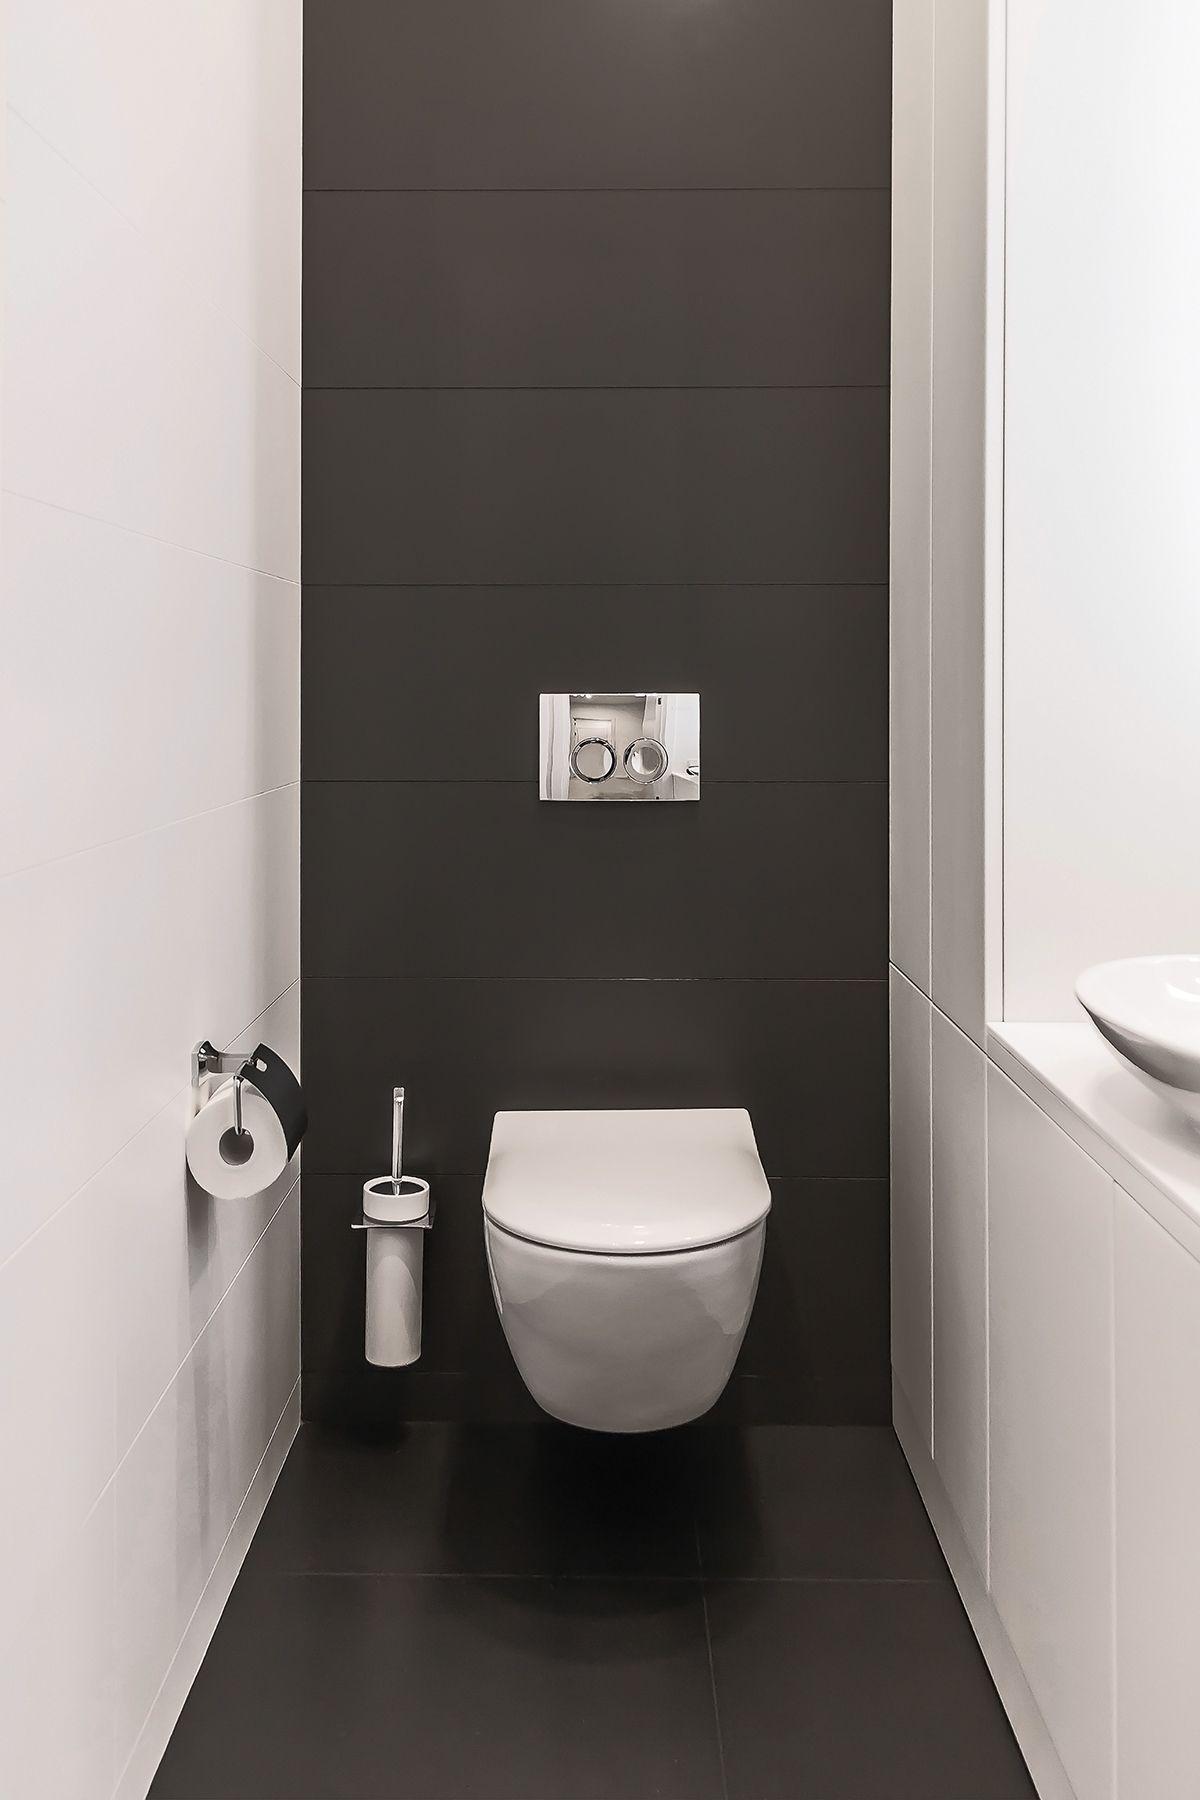 Apartment With Park View Kiev Zimmerklein In 2020 Badezimmer Im Erdgeschoss Kleine Badezimmer Design Badezimmer Klein